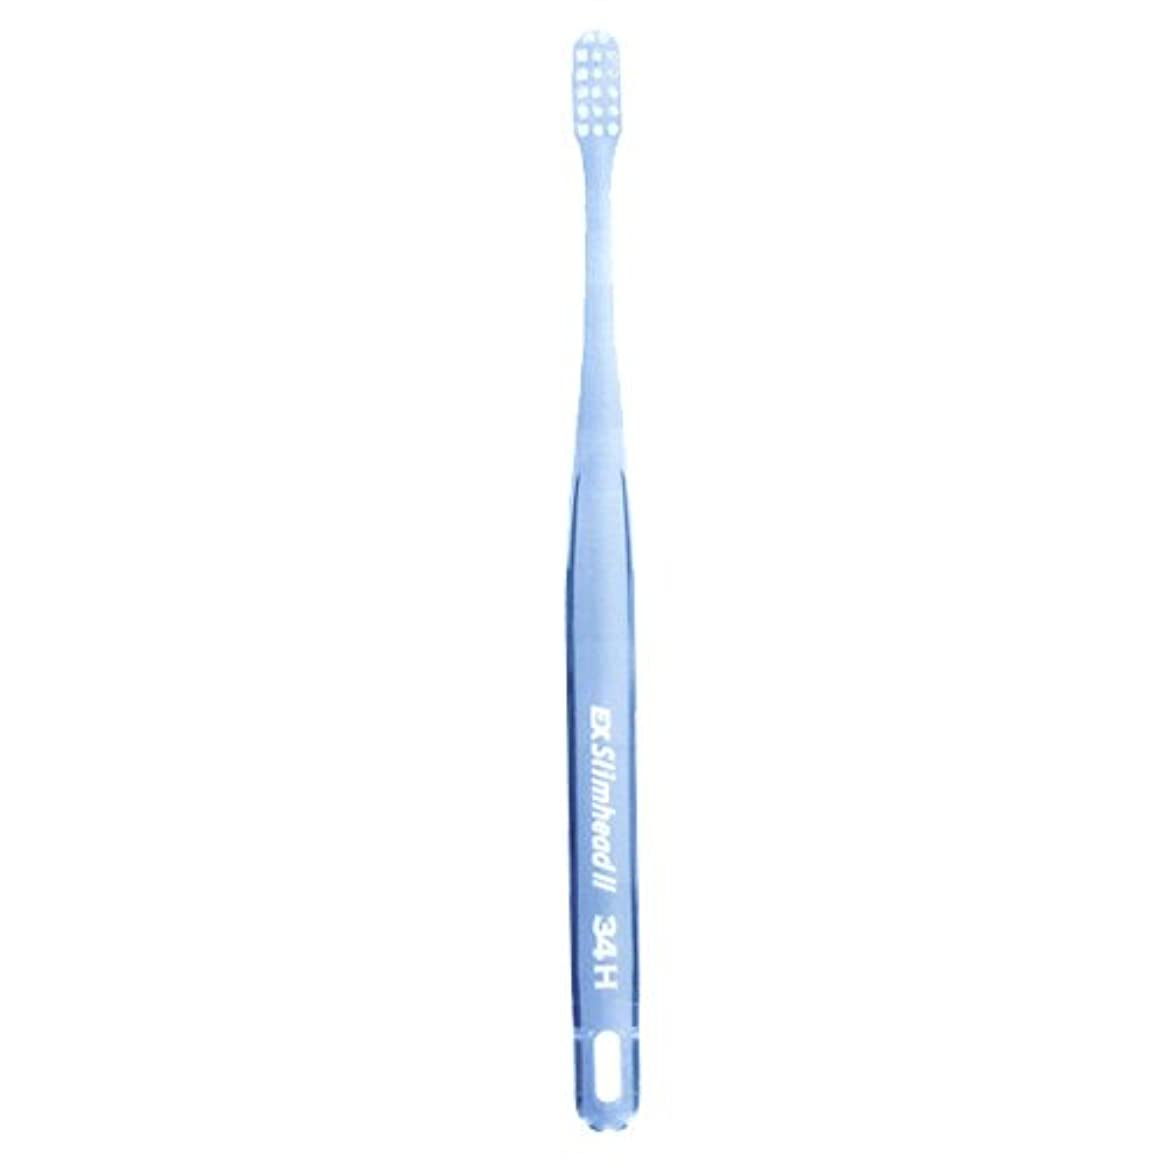 お客様公先生ライオン スリムヘッド2 歯ブラシ DENT . EX Slimhead2 1本 34H クリアブルー